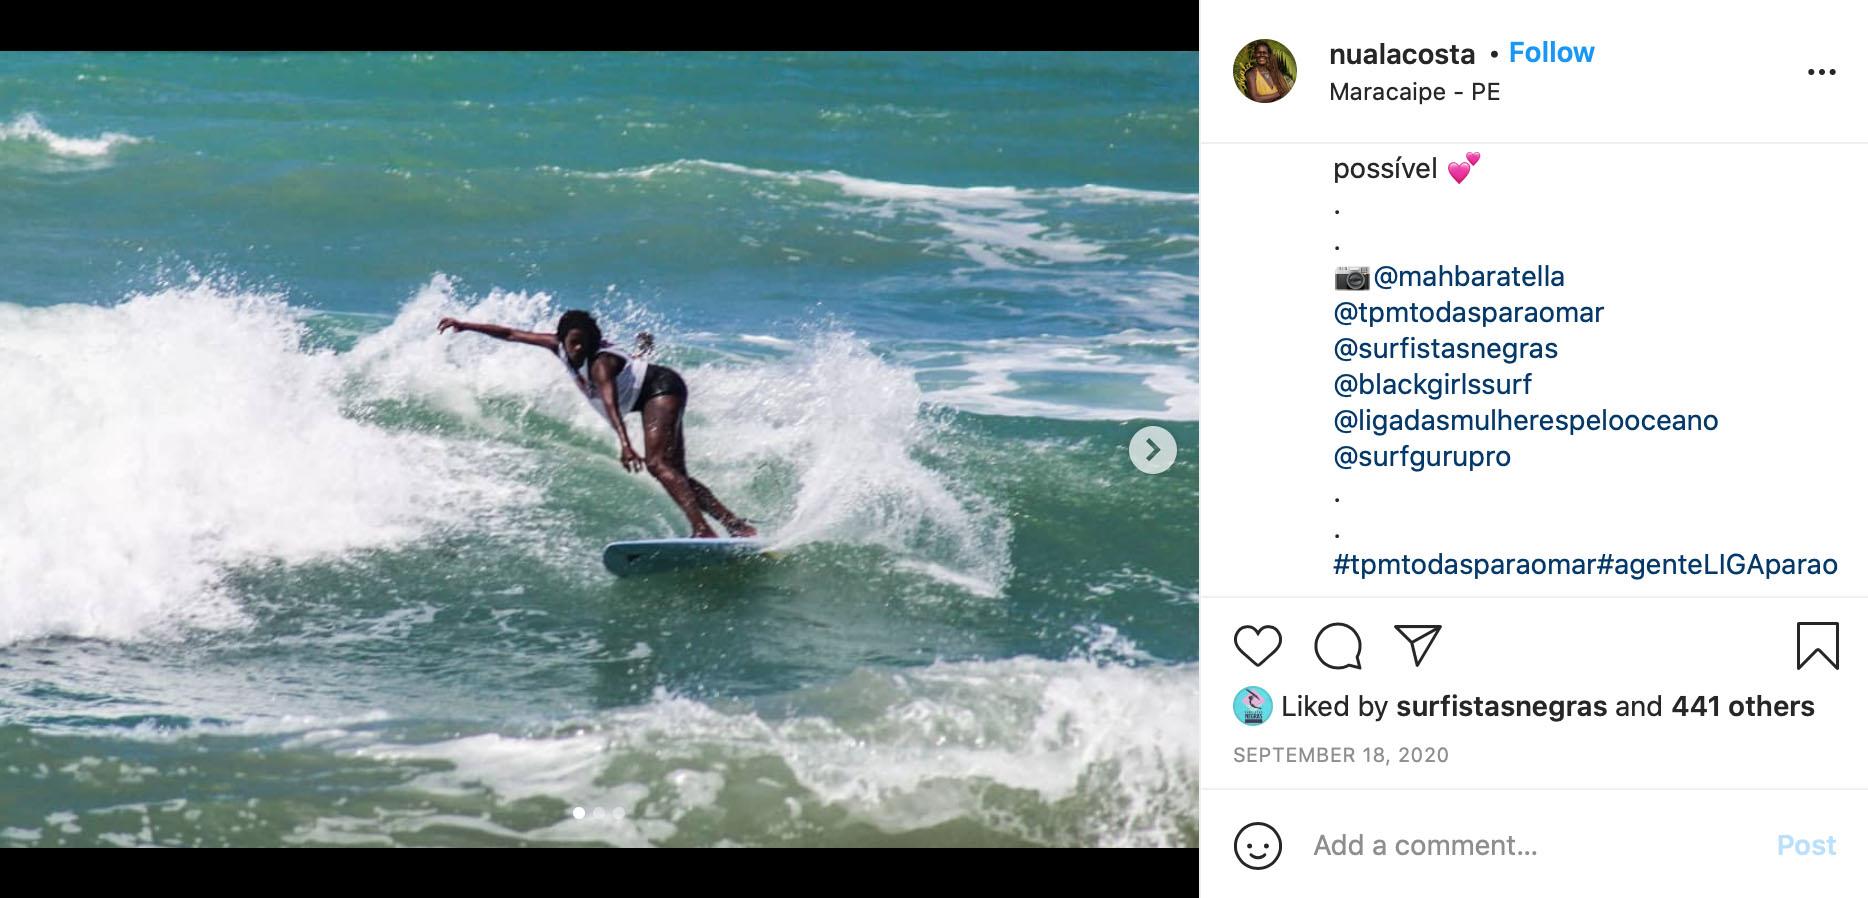 mulheres inspiradoras no surf